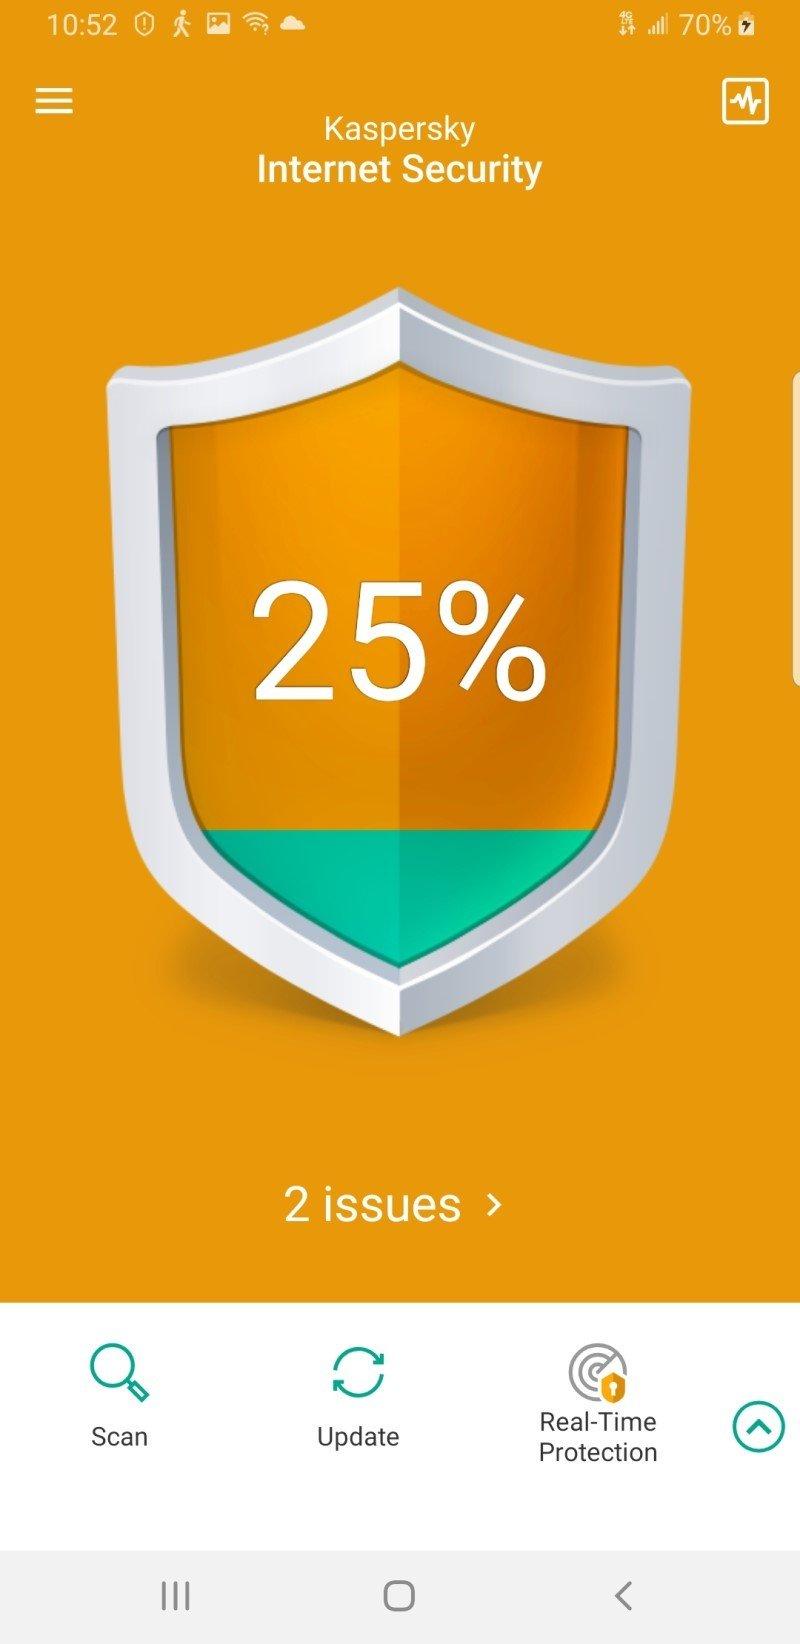 kaspersky-mobile-antivirus-screenshot-ed